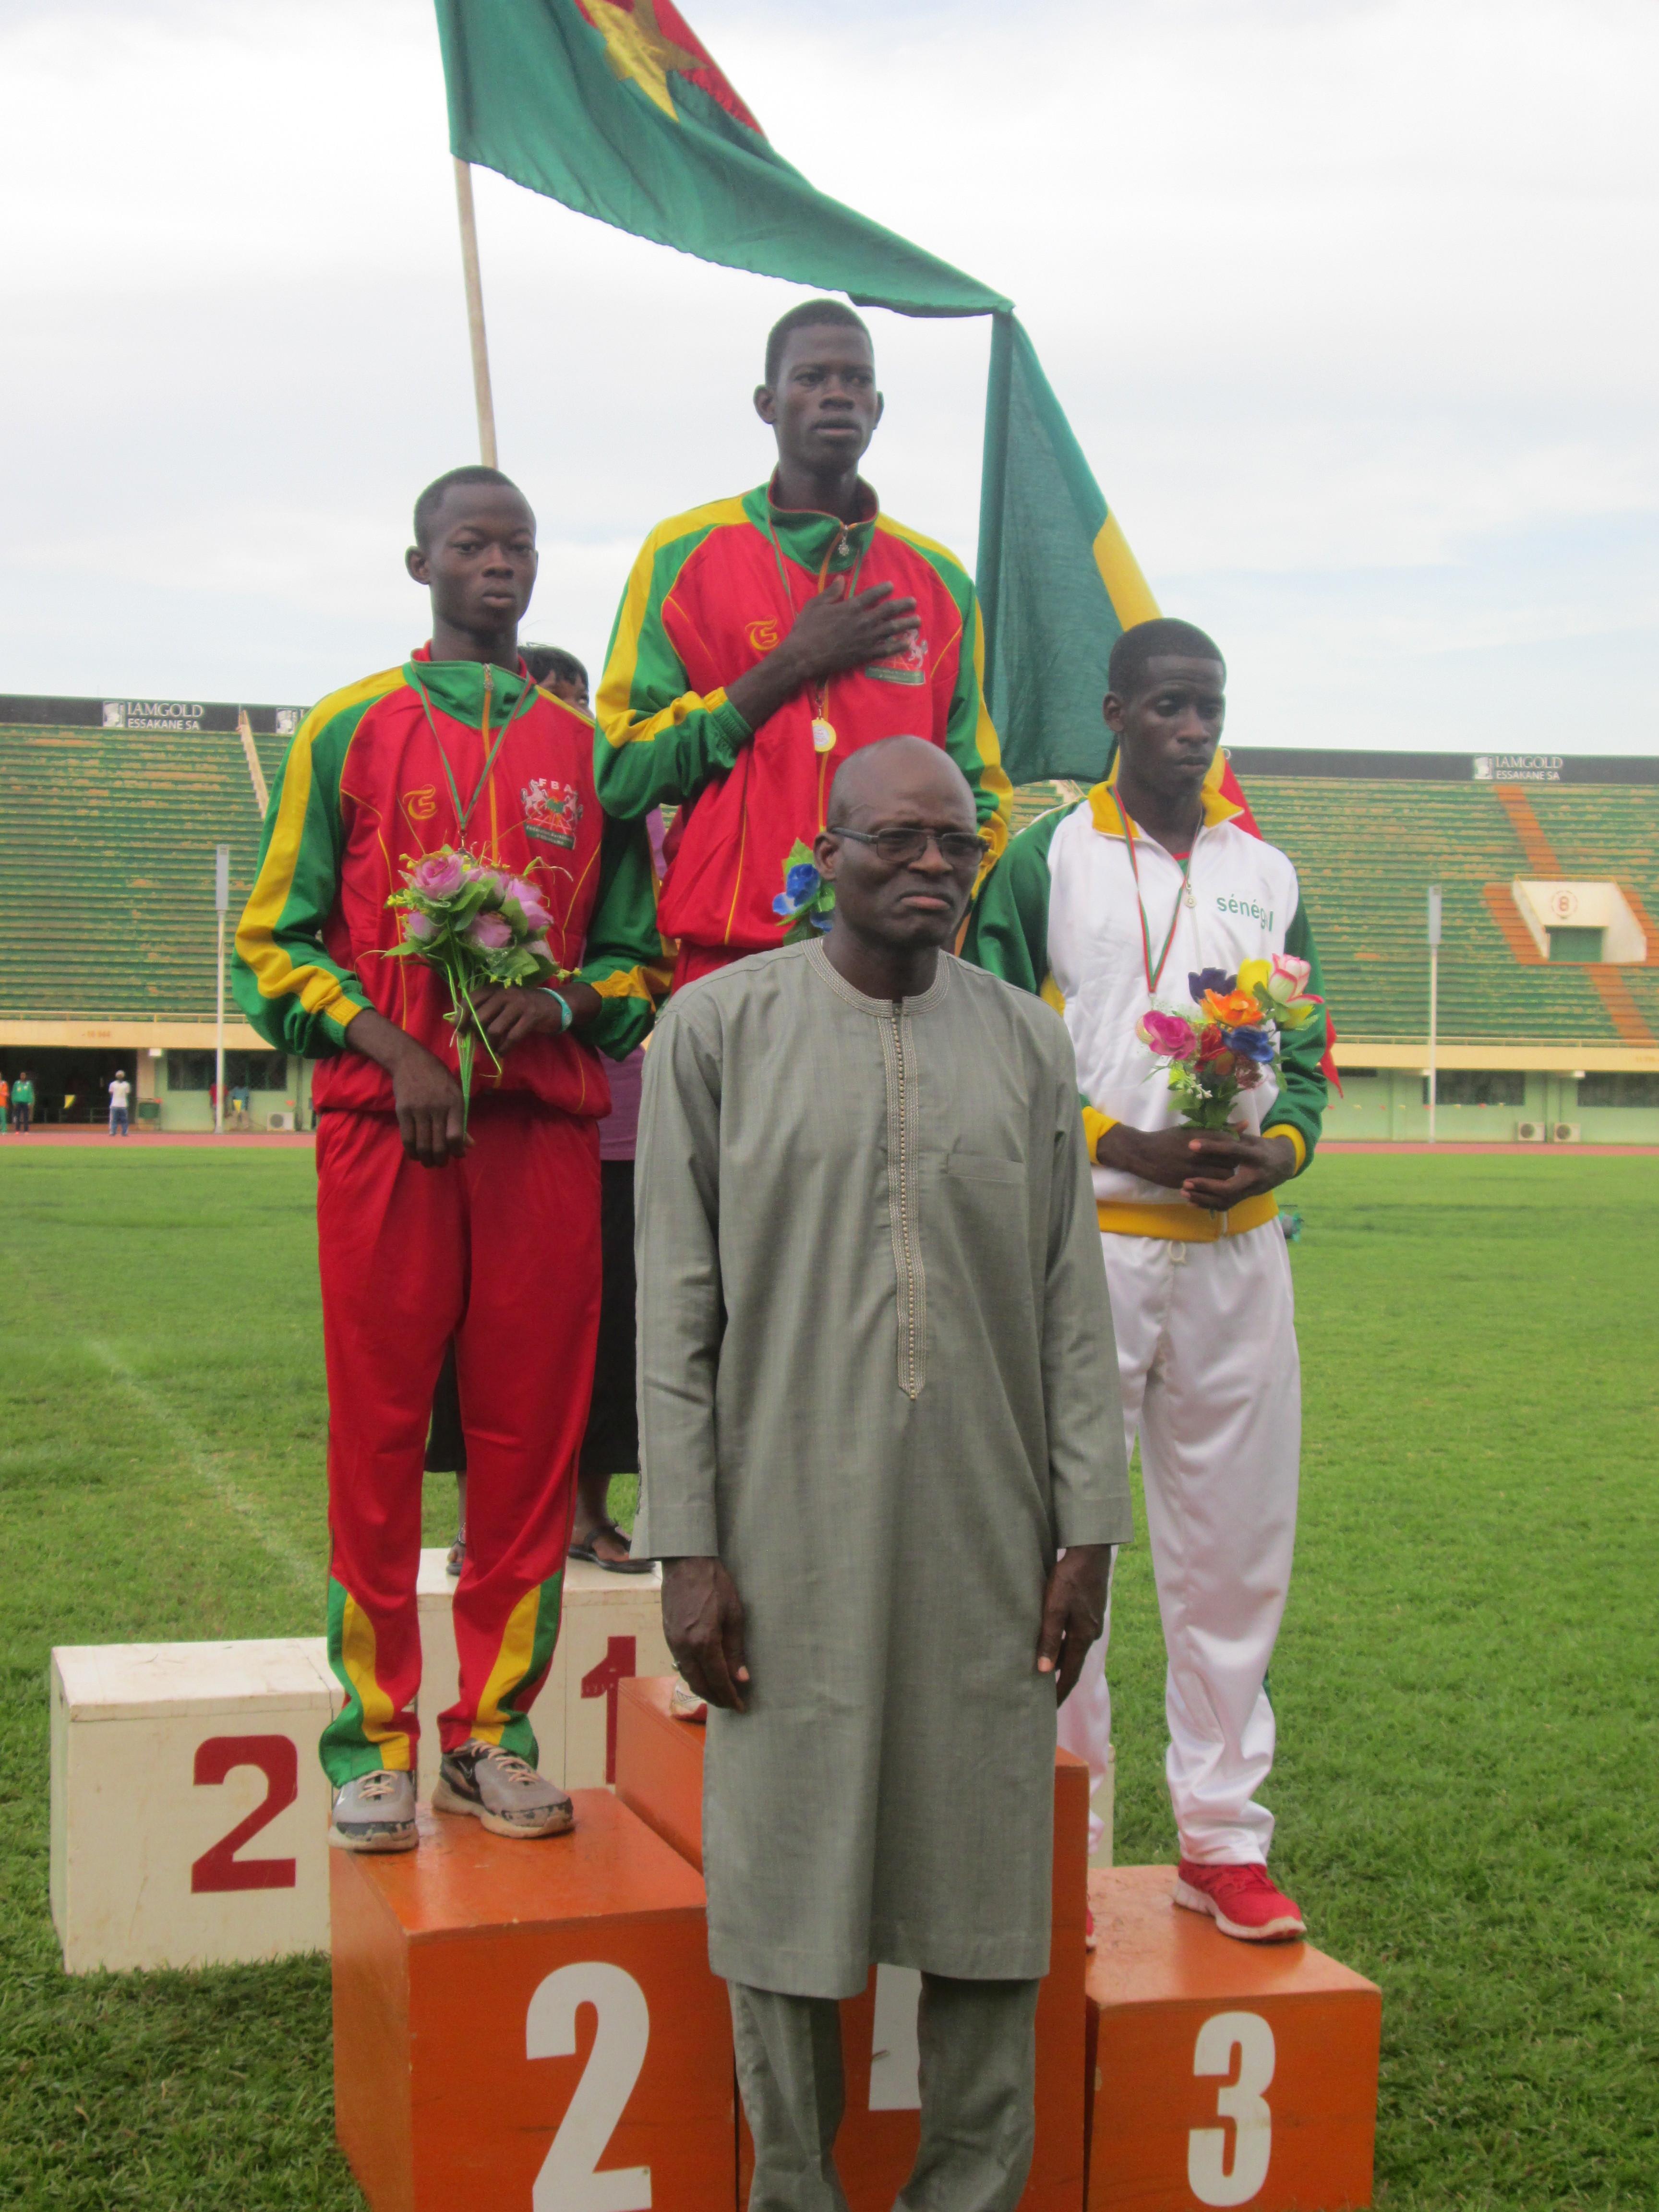 Le Burkina s'en sort avec 32 médailles et prend la tête (© Burkina 24)